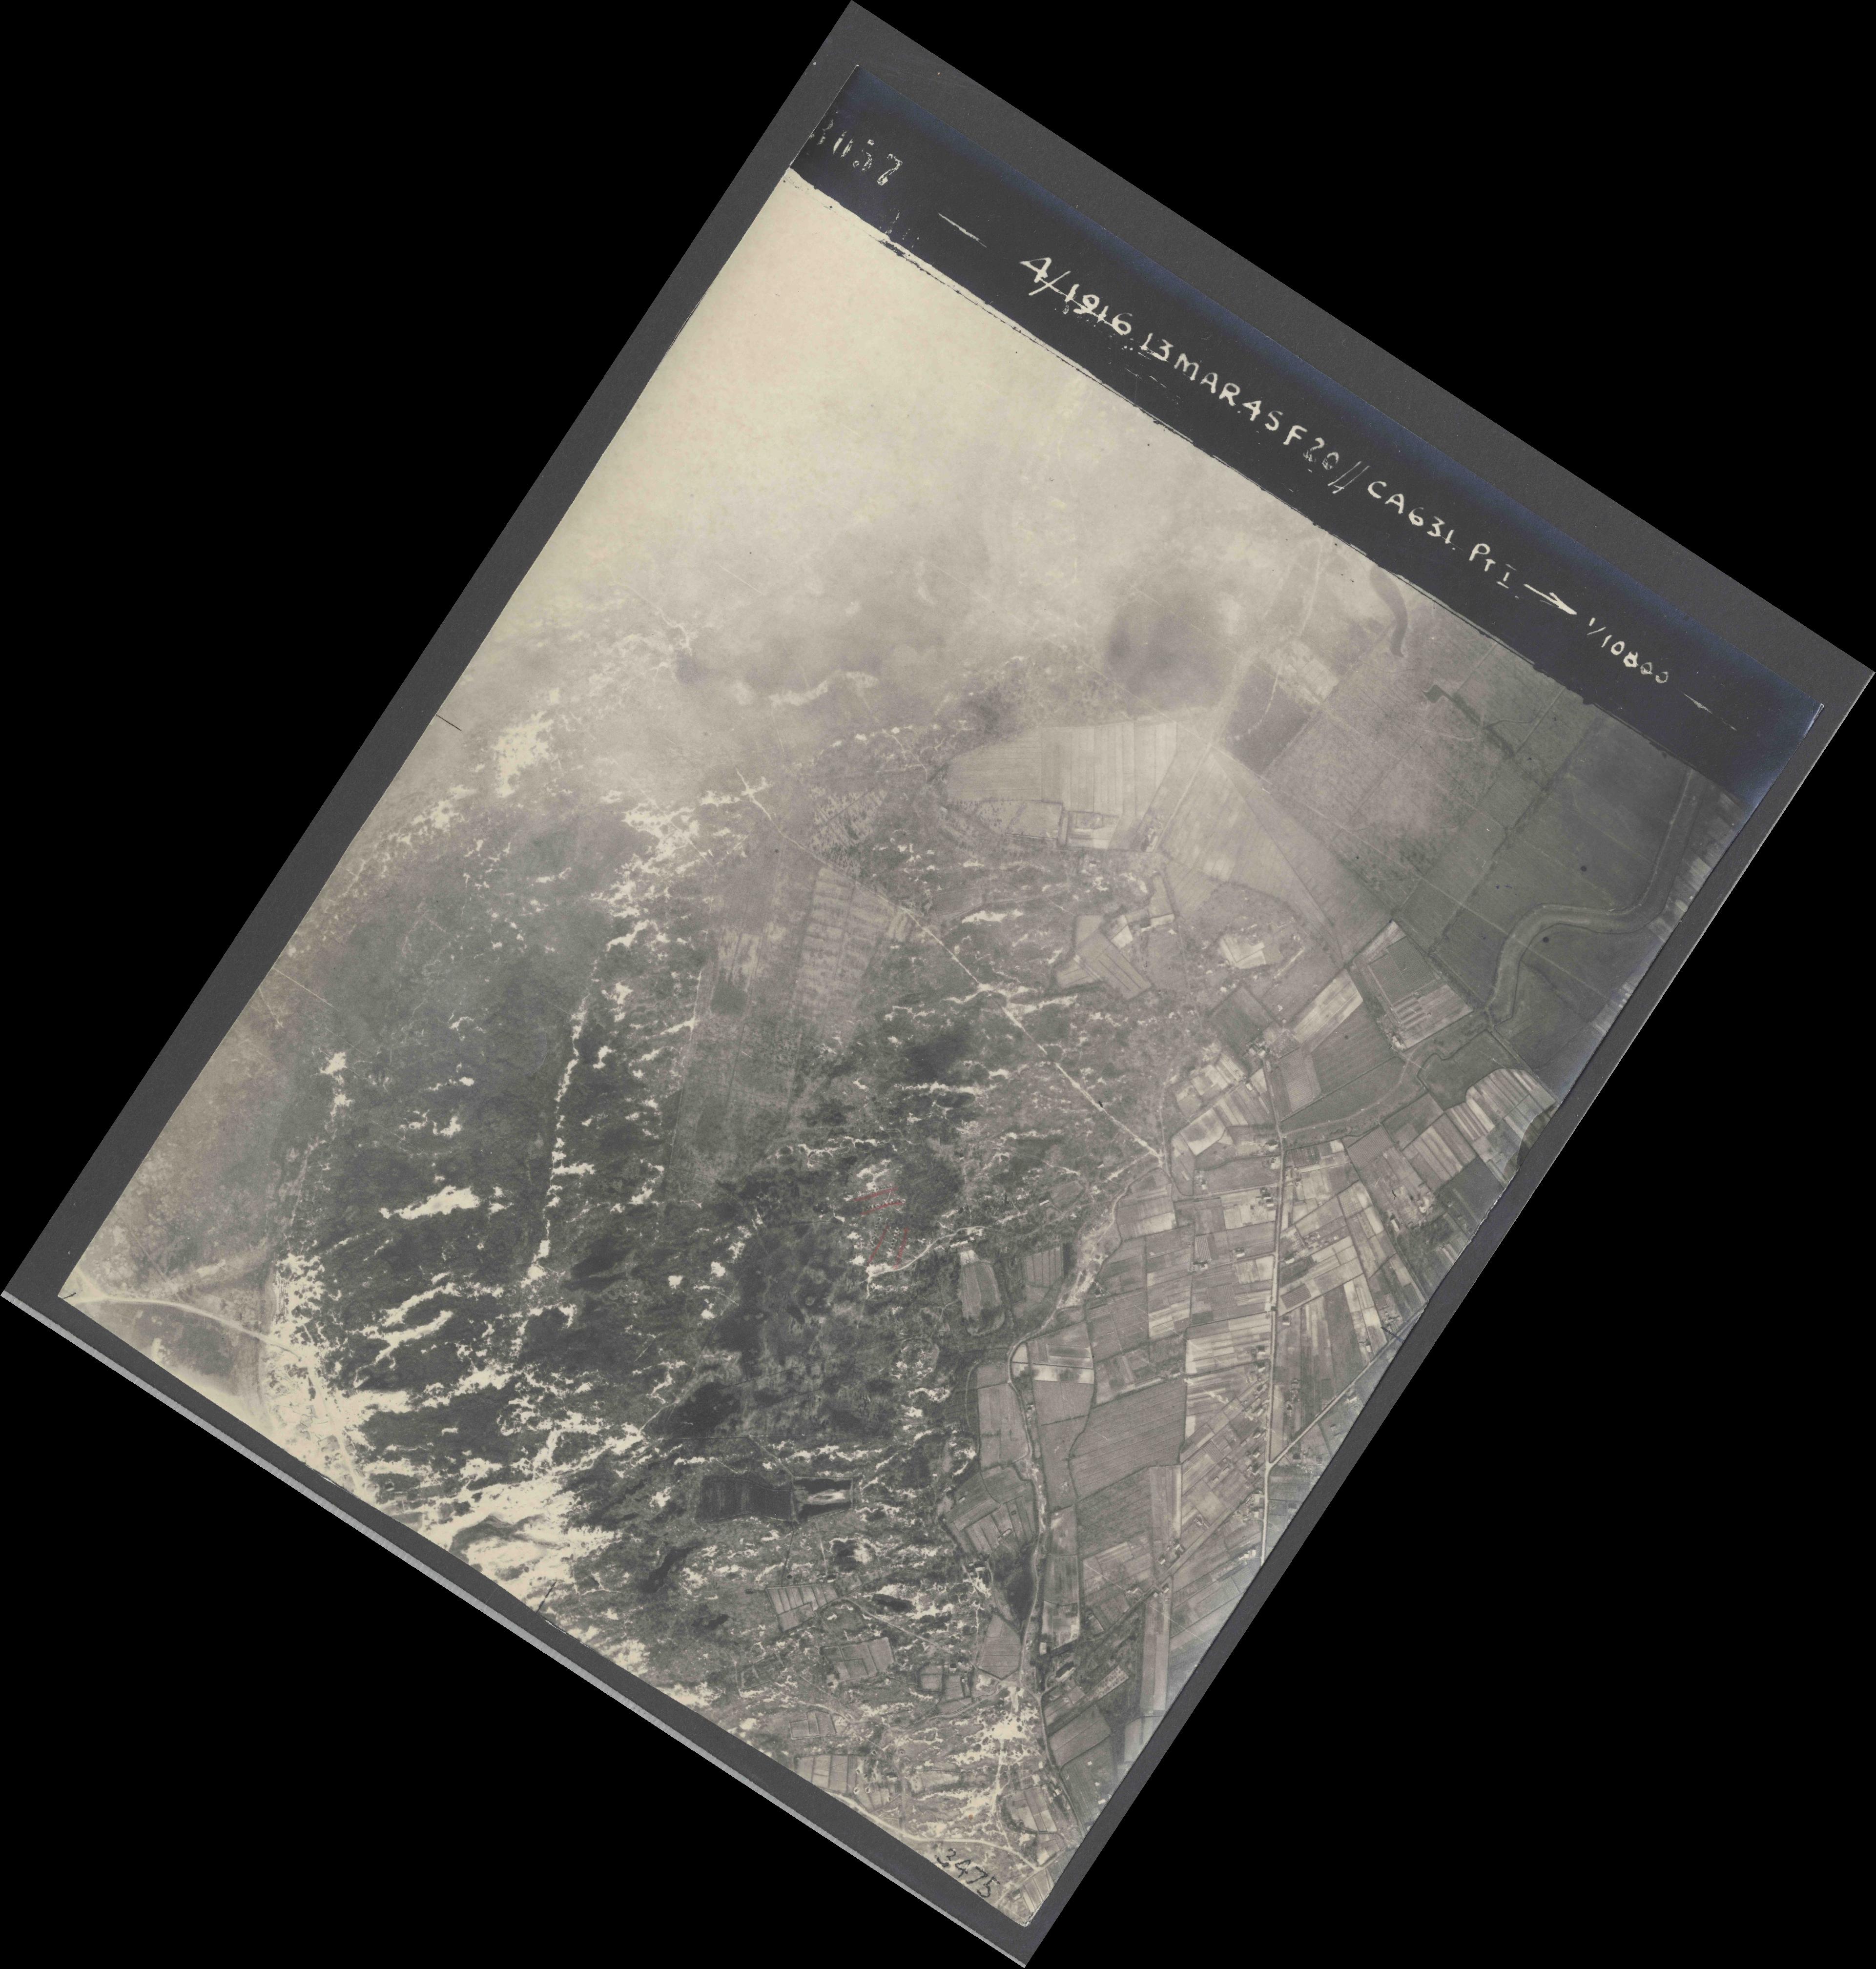 Collection RAF aerial photos 1940-1945 - flight 085, run 01, photo 3057